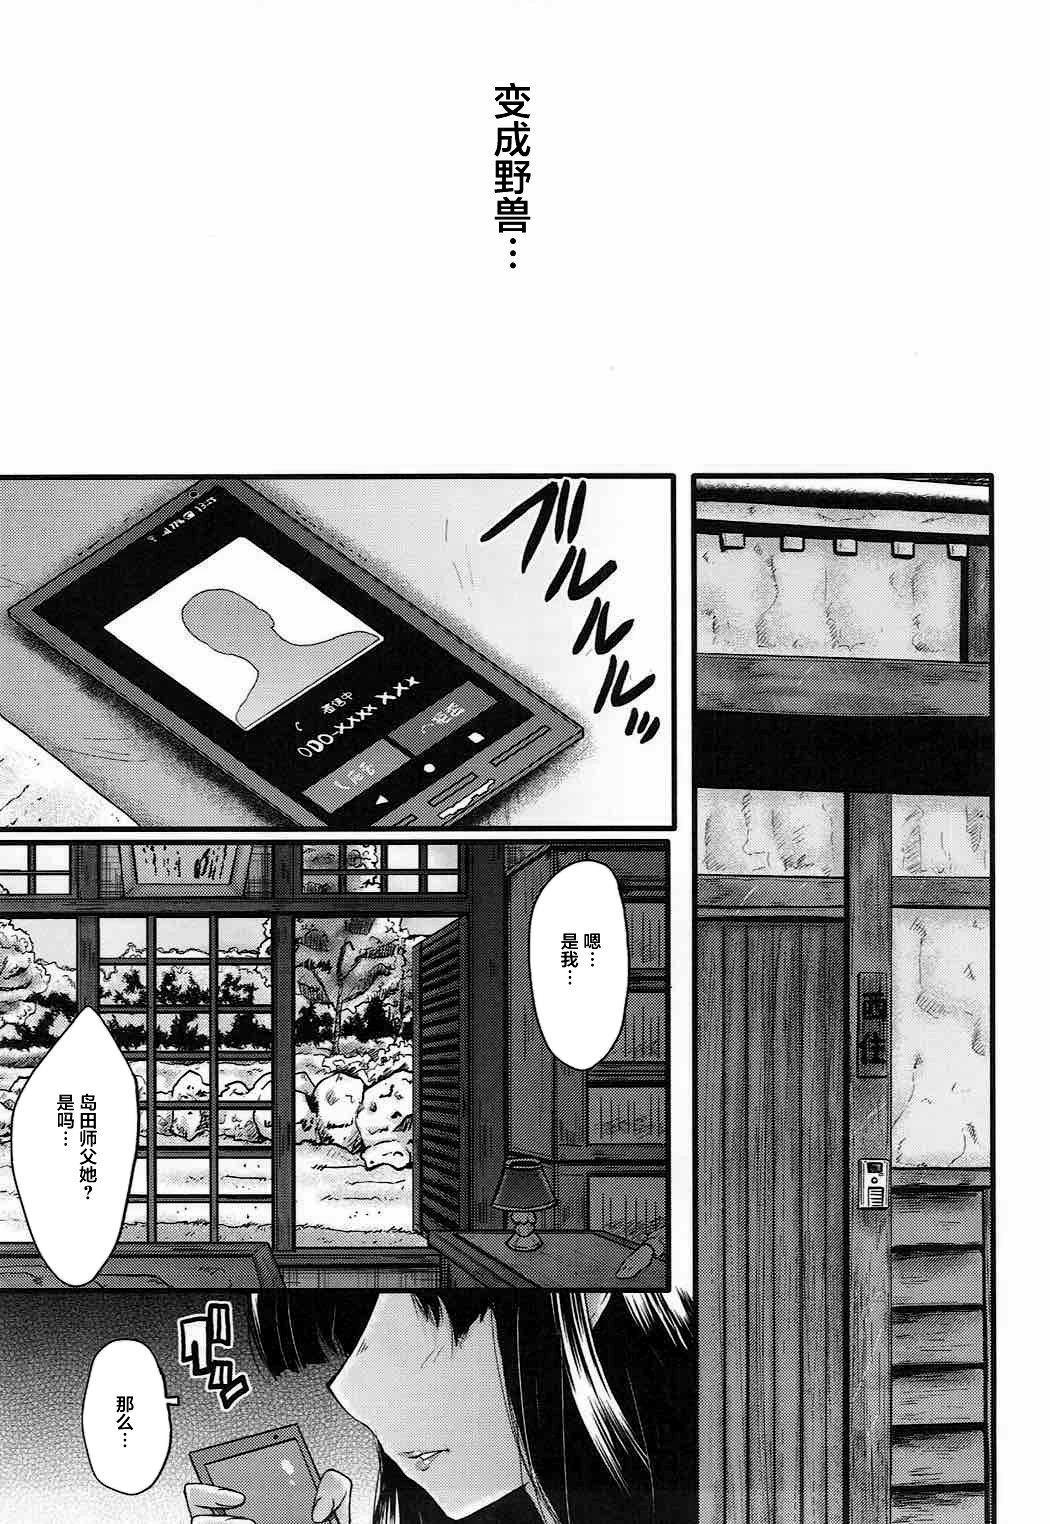 Urabambi Vol. 55 Yuukan Madam no Shiroi Niku 23